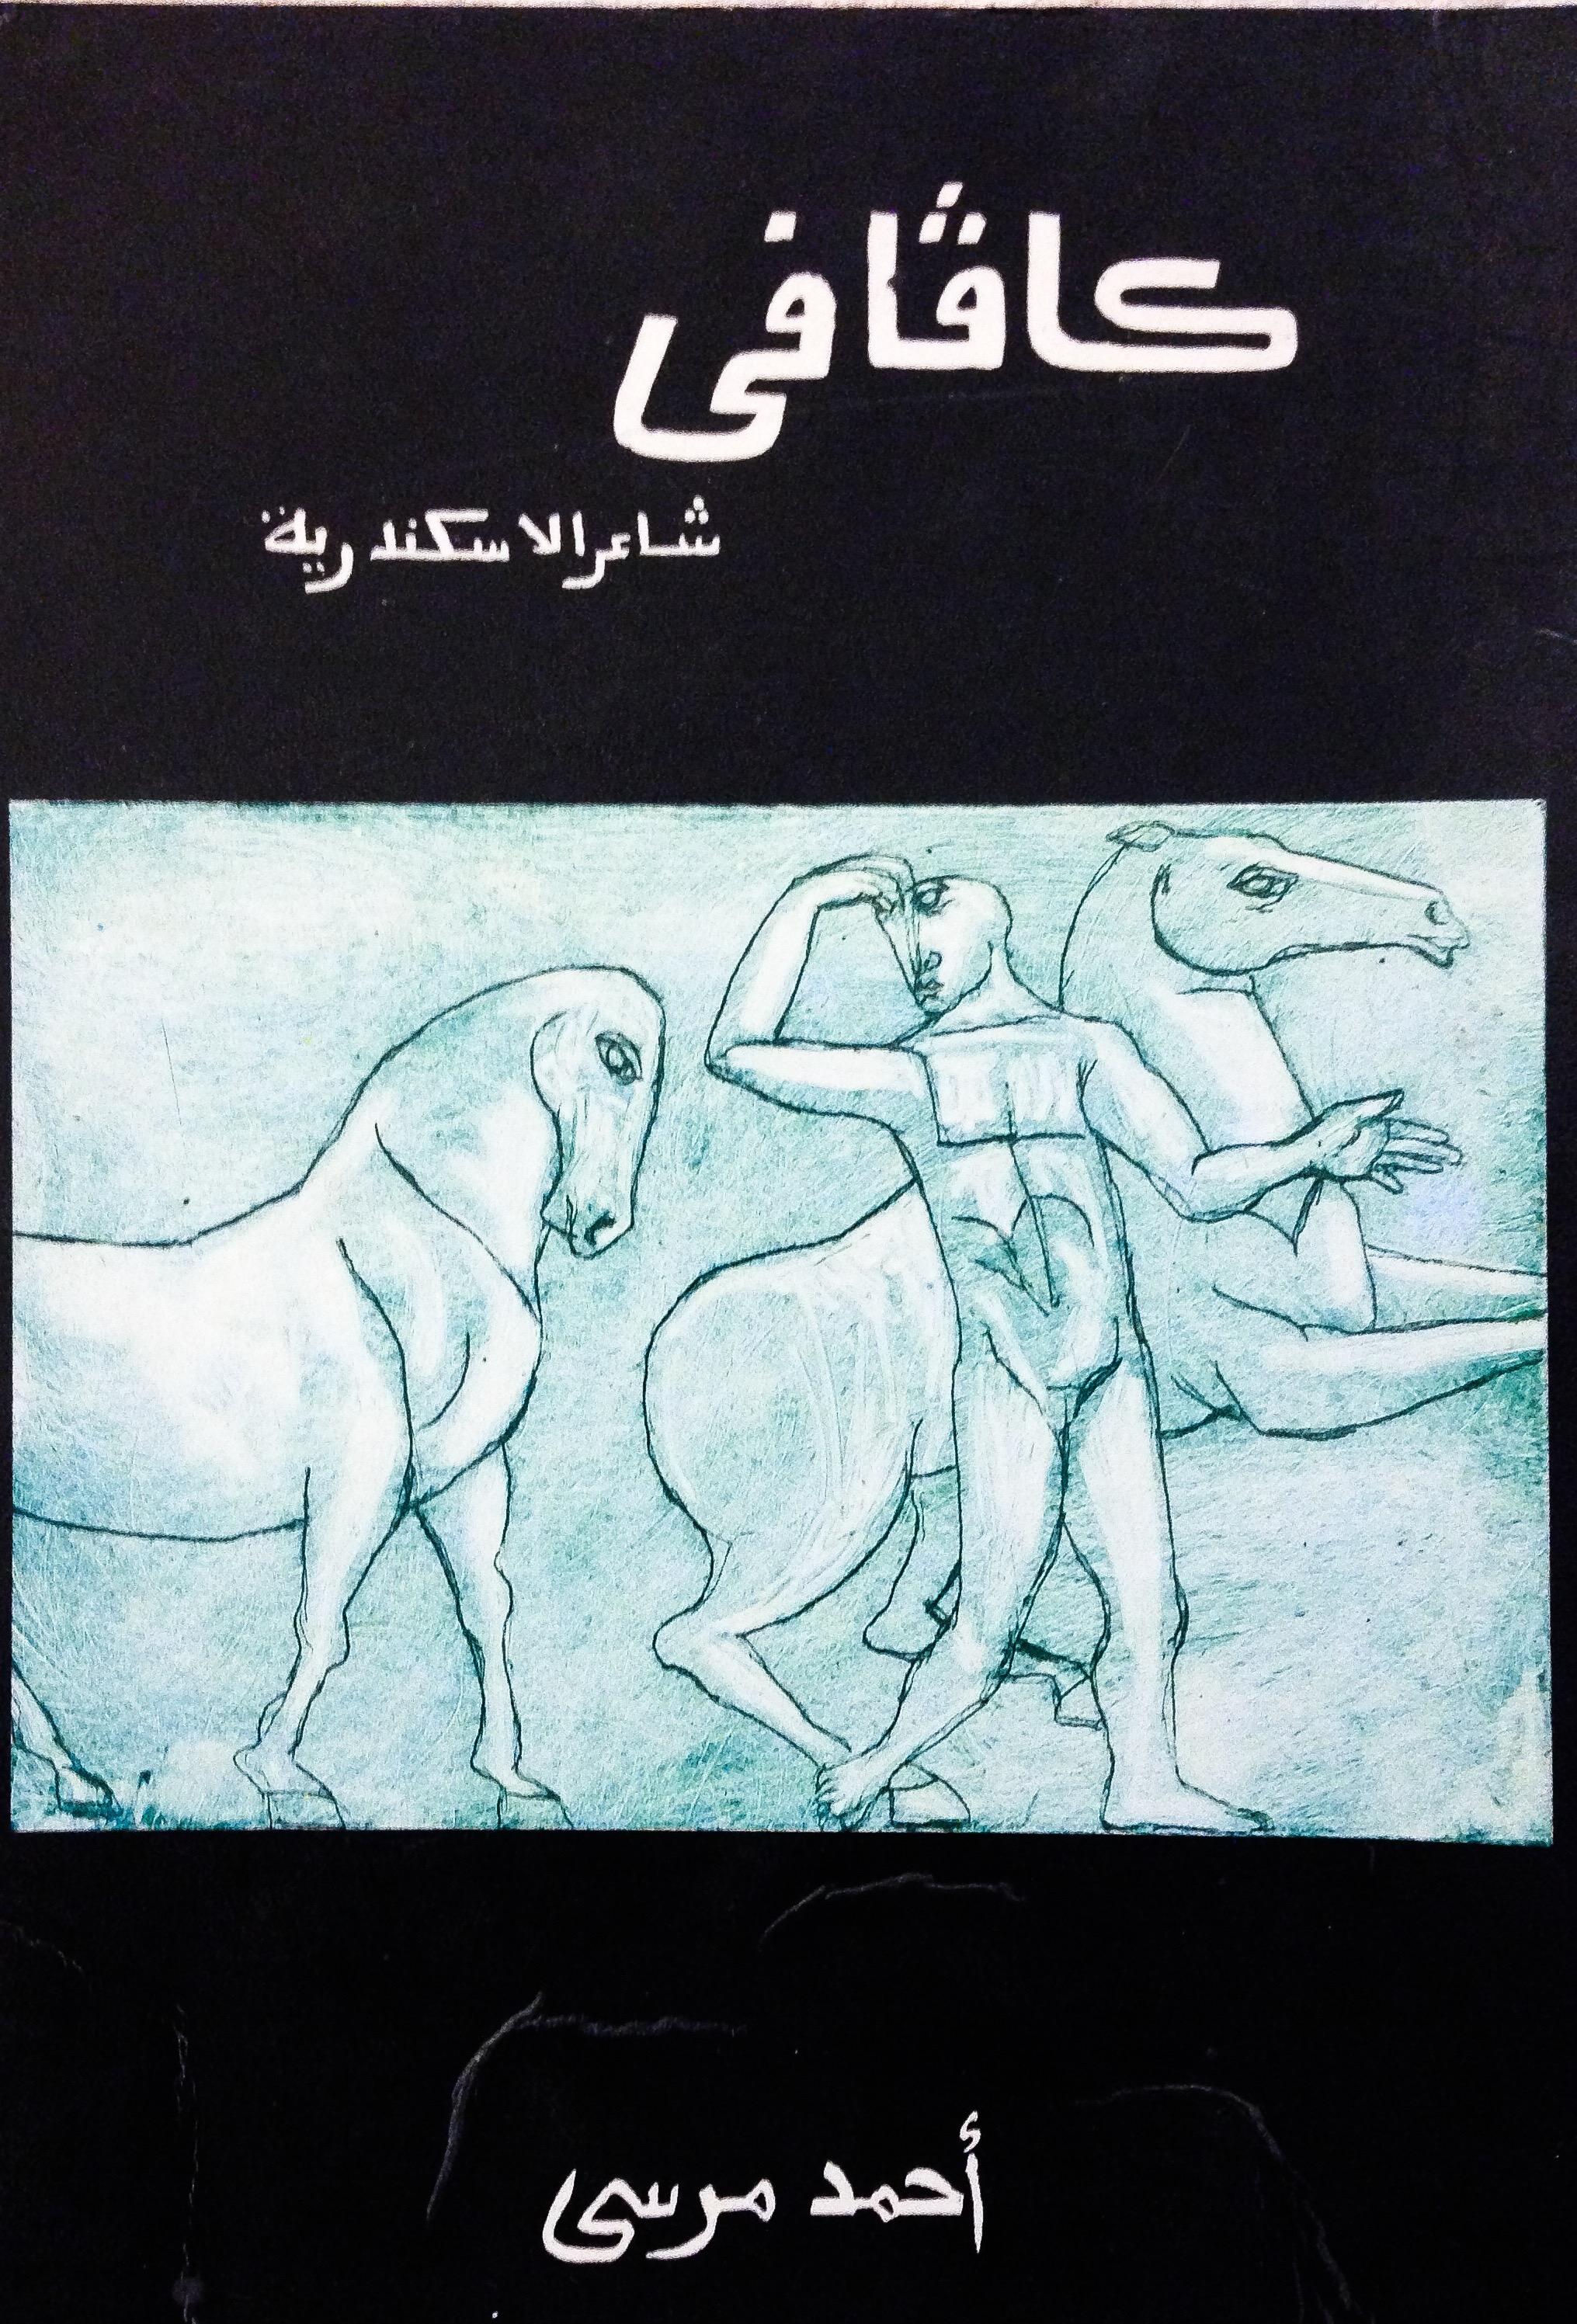 Ahmed_Morsi_Cavafy_Alexandria's_Poet.jpg